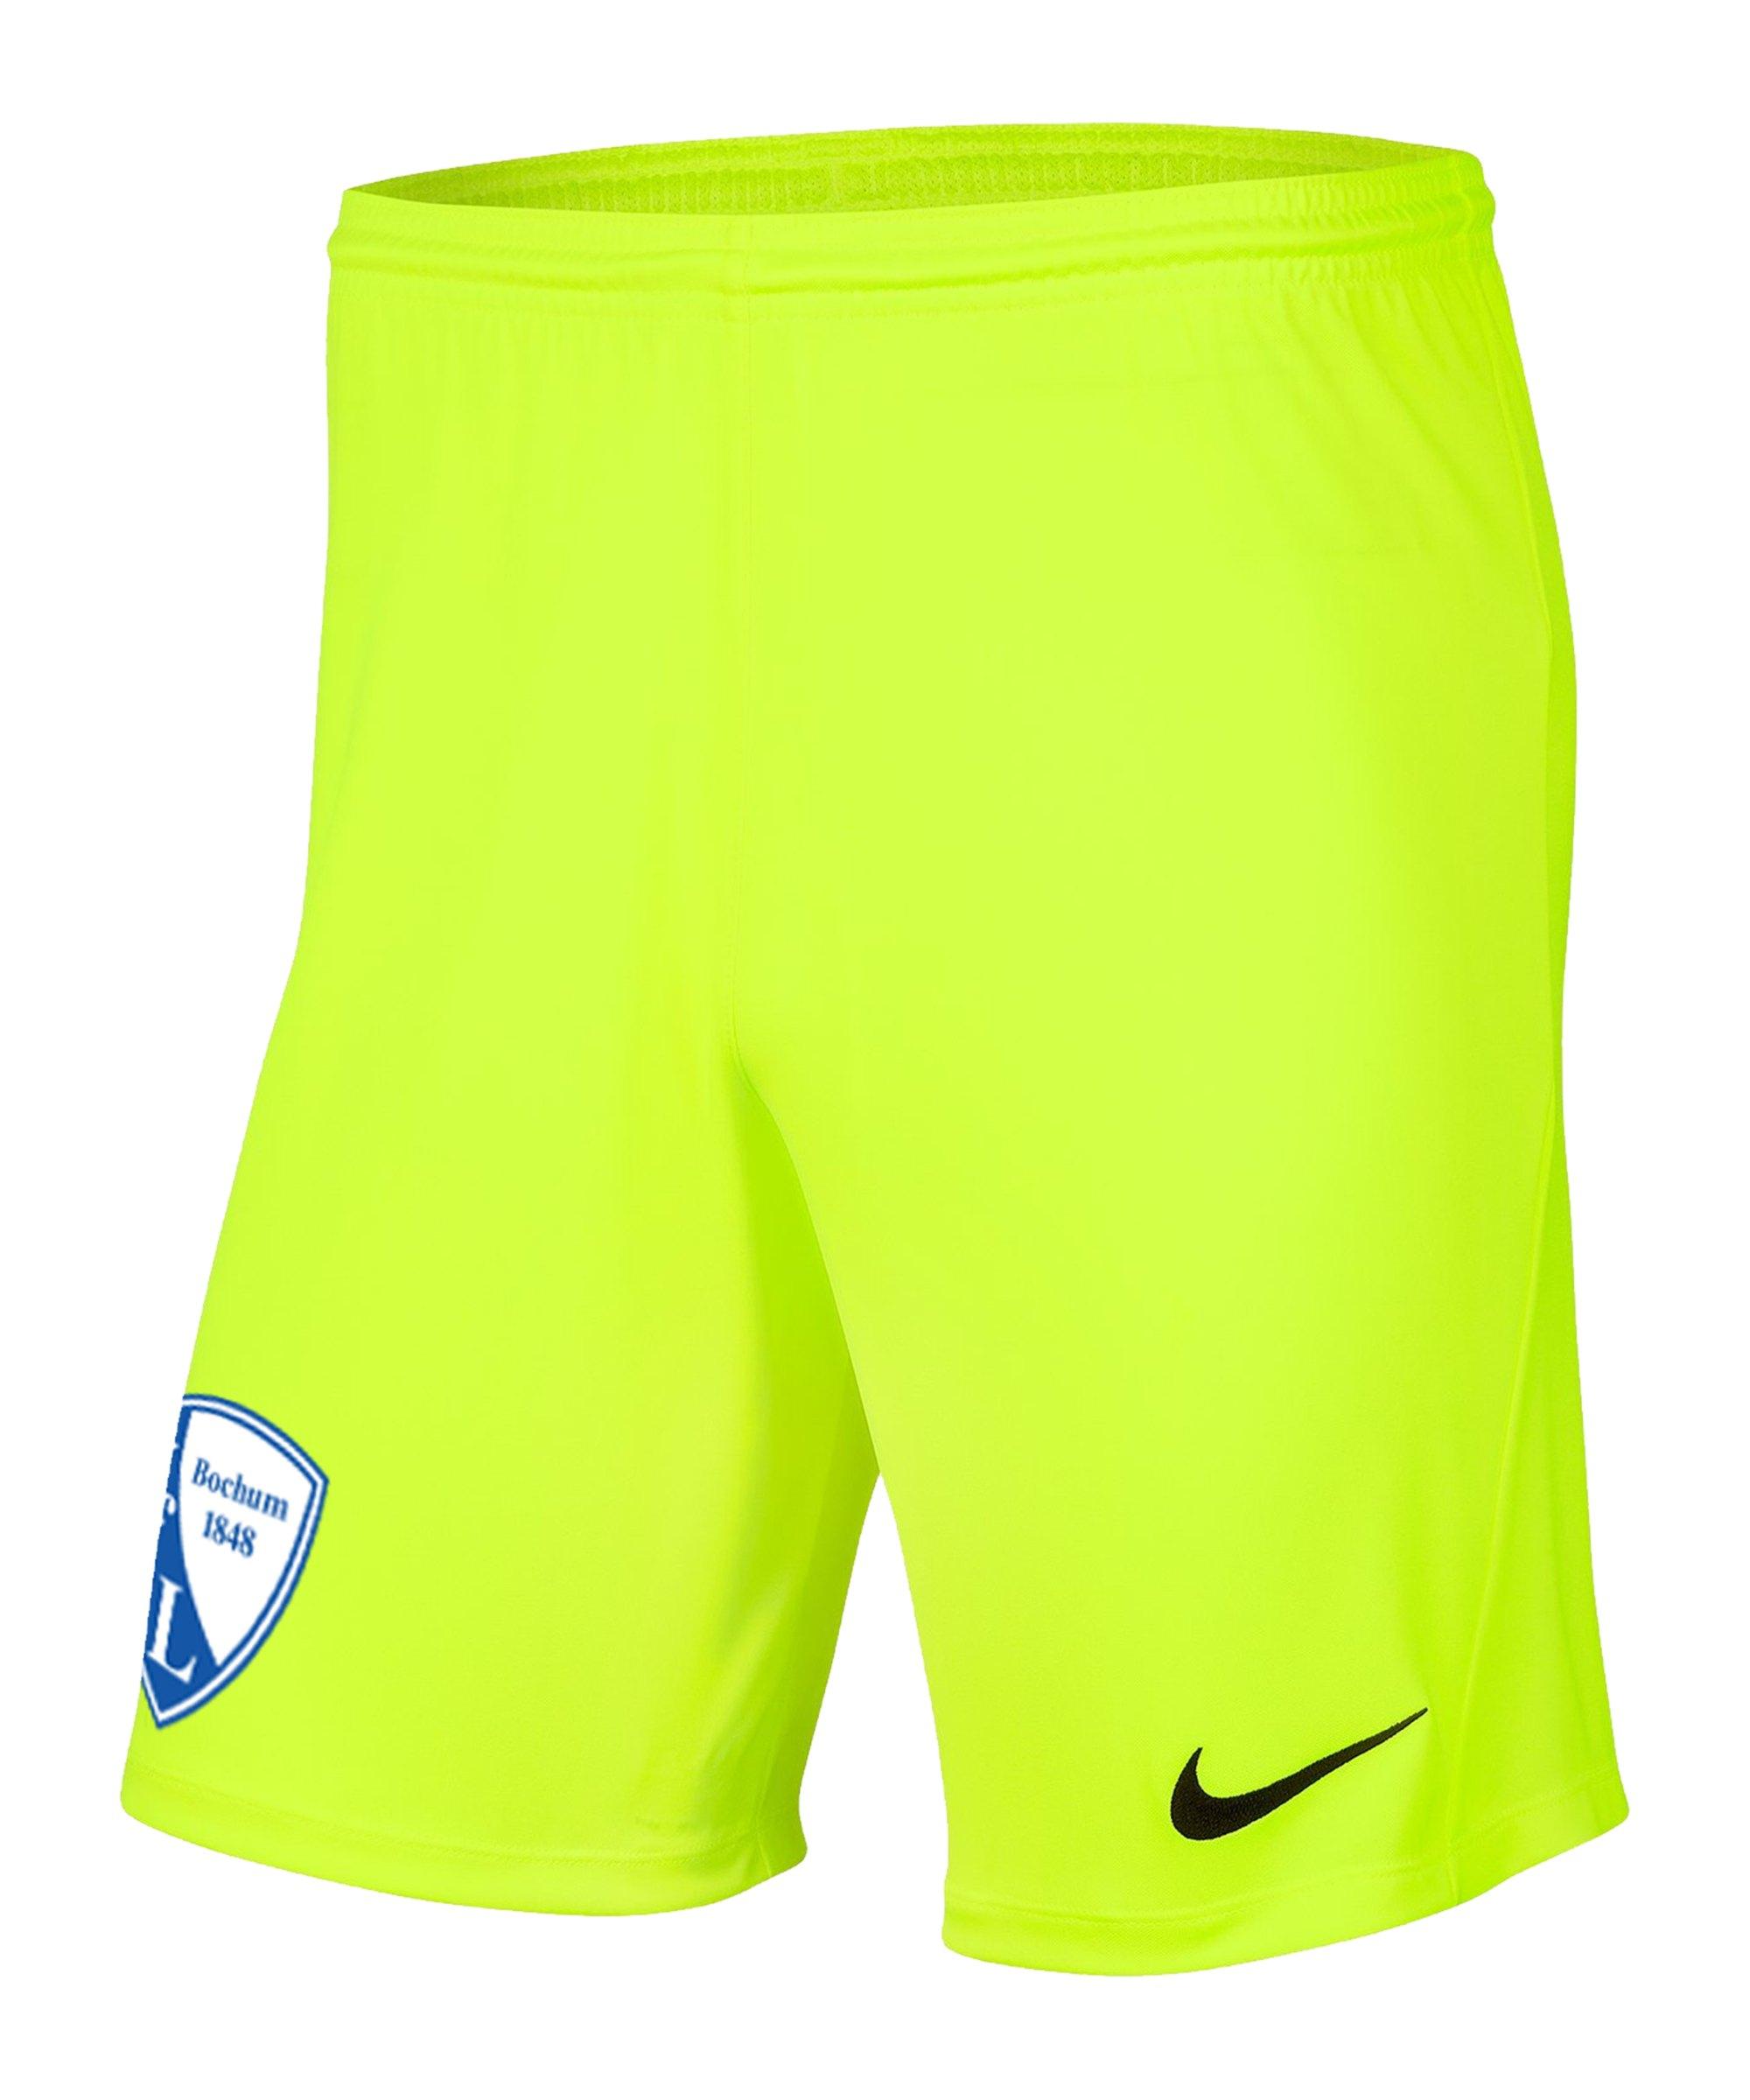 Nike VfL Bochum TW Short 20/21 Kids Gelb F702 - gelb